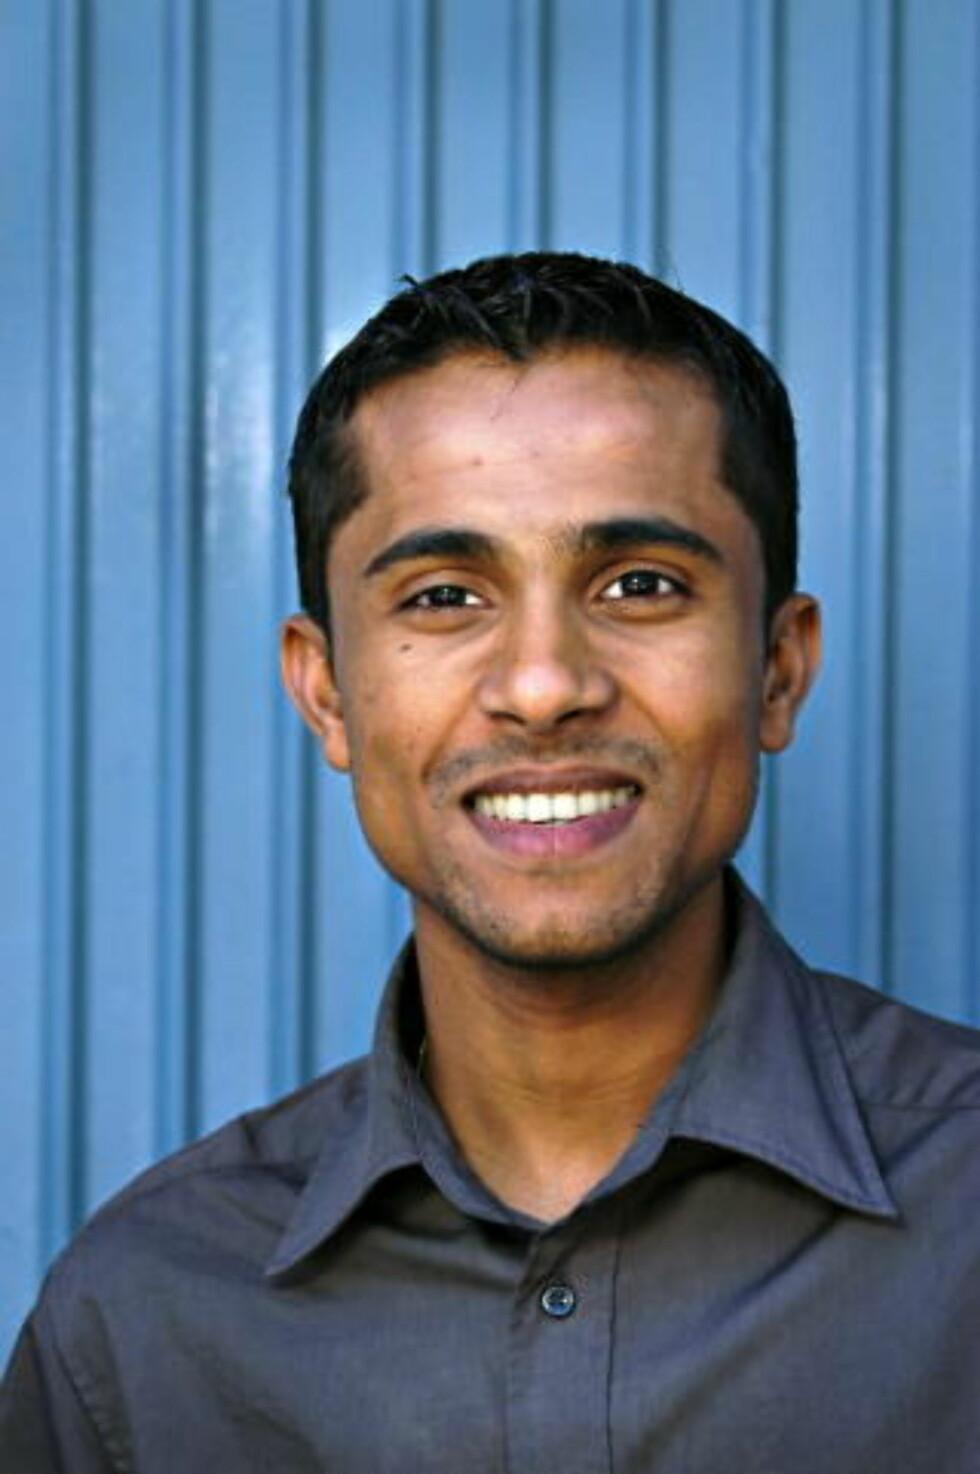 VIL SYNLIGGJØRING FORSKJELLSBEHANDLINGEN: Majoran Vivekananthan mener at flere av regjeringens tiltak de siste årene har bidratt til å forverre situasjonen for innvandrerne i Norge. Foto: NINA HANSEN